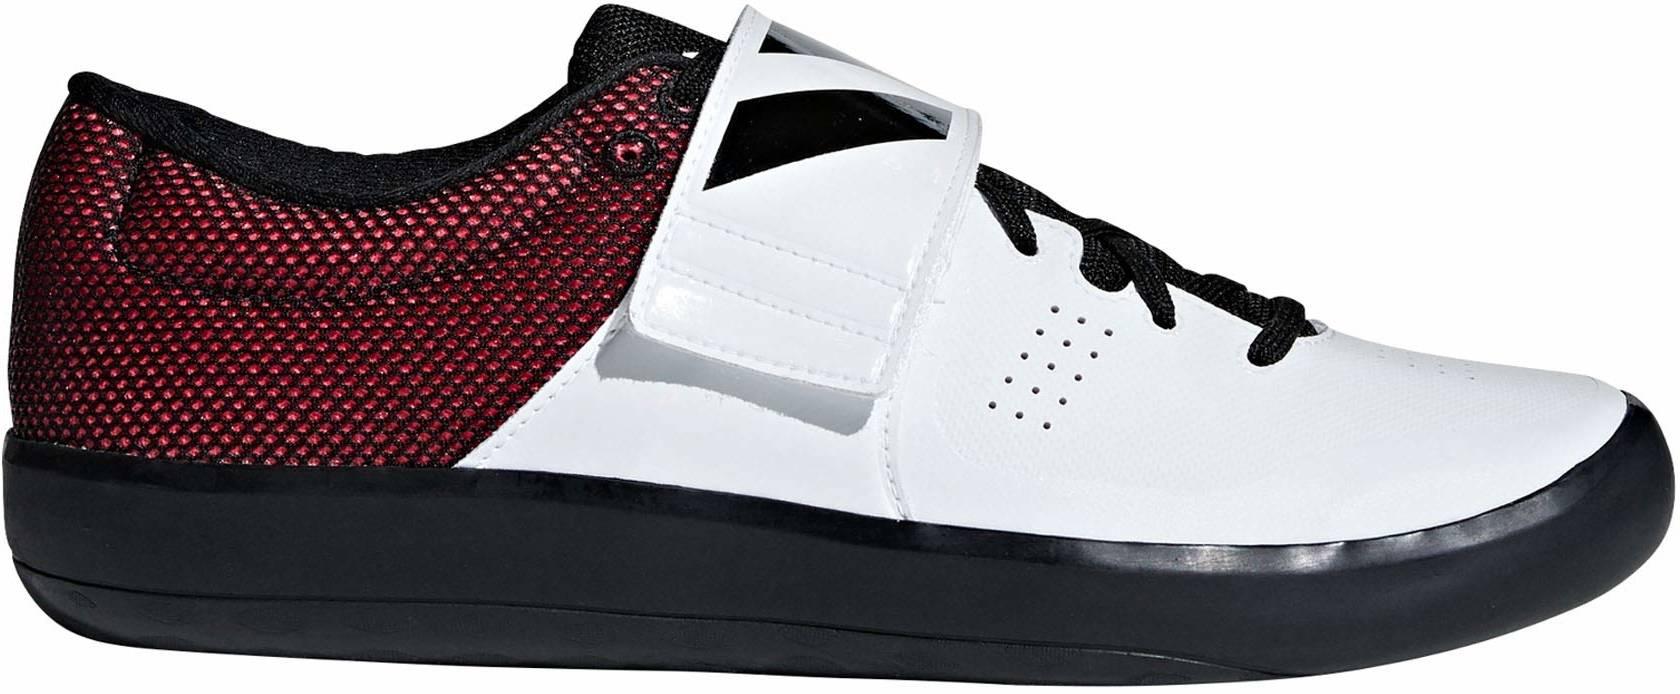 Shot Put Track \u0026 Field Shoes